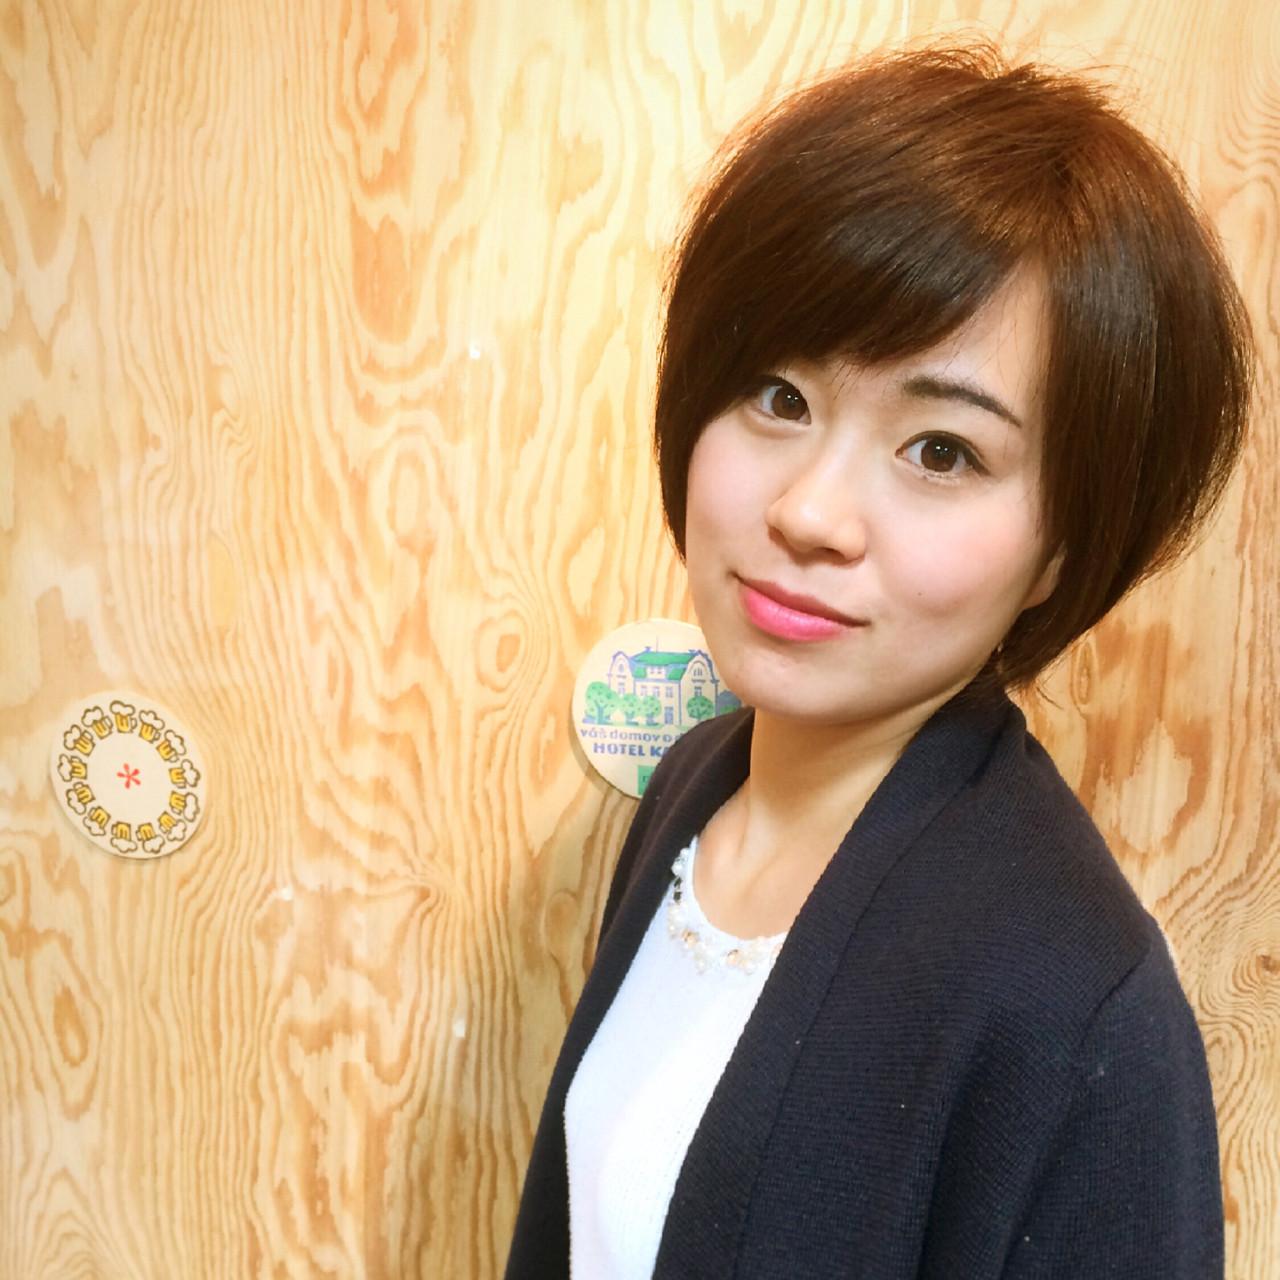 ゆるふわ ナチュラル フェミニン 黒髪 ヘアスタイルや髪型の写真・画像 | 徳田勝義 / ku-to南浦和